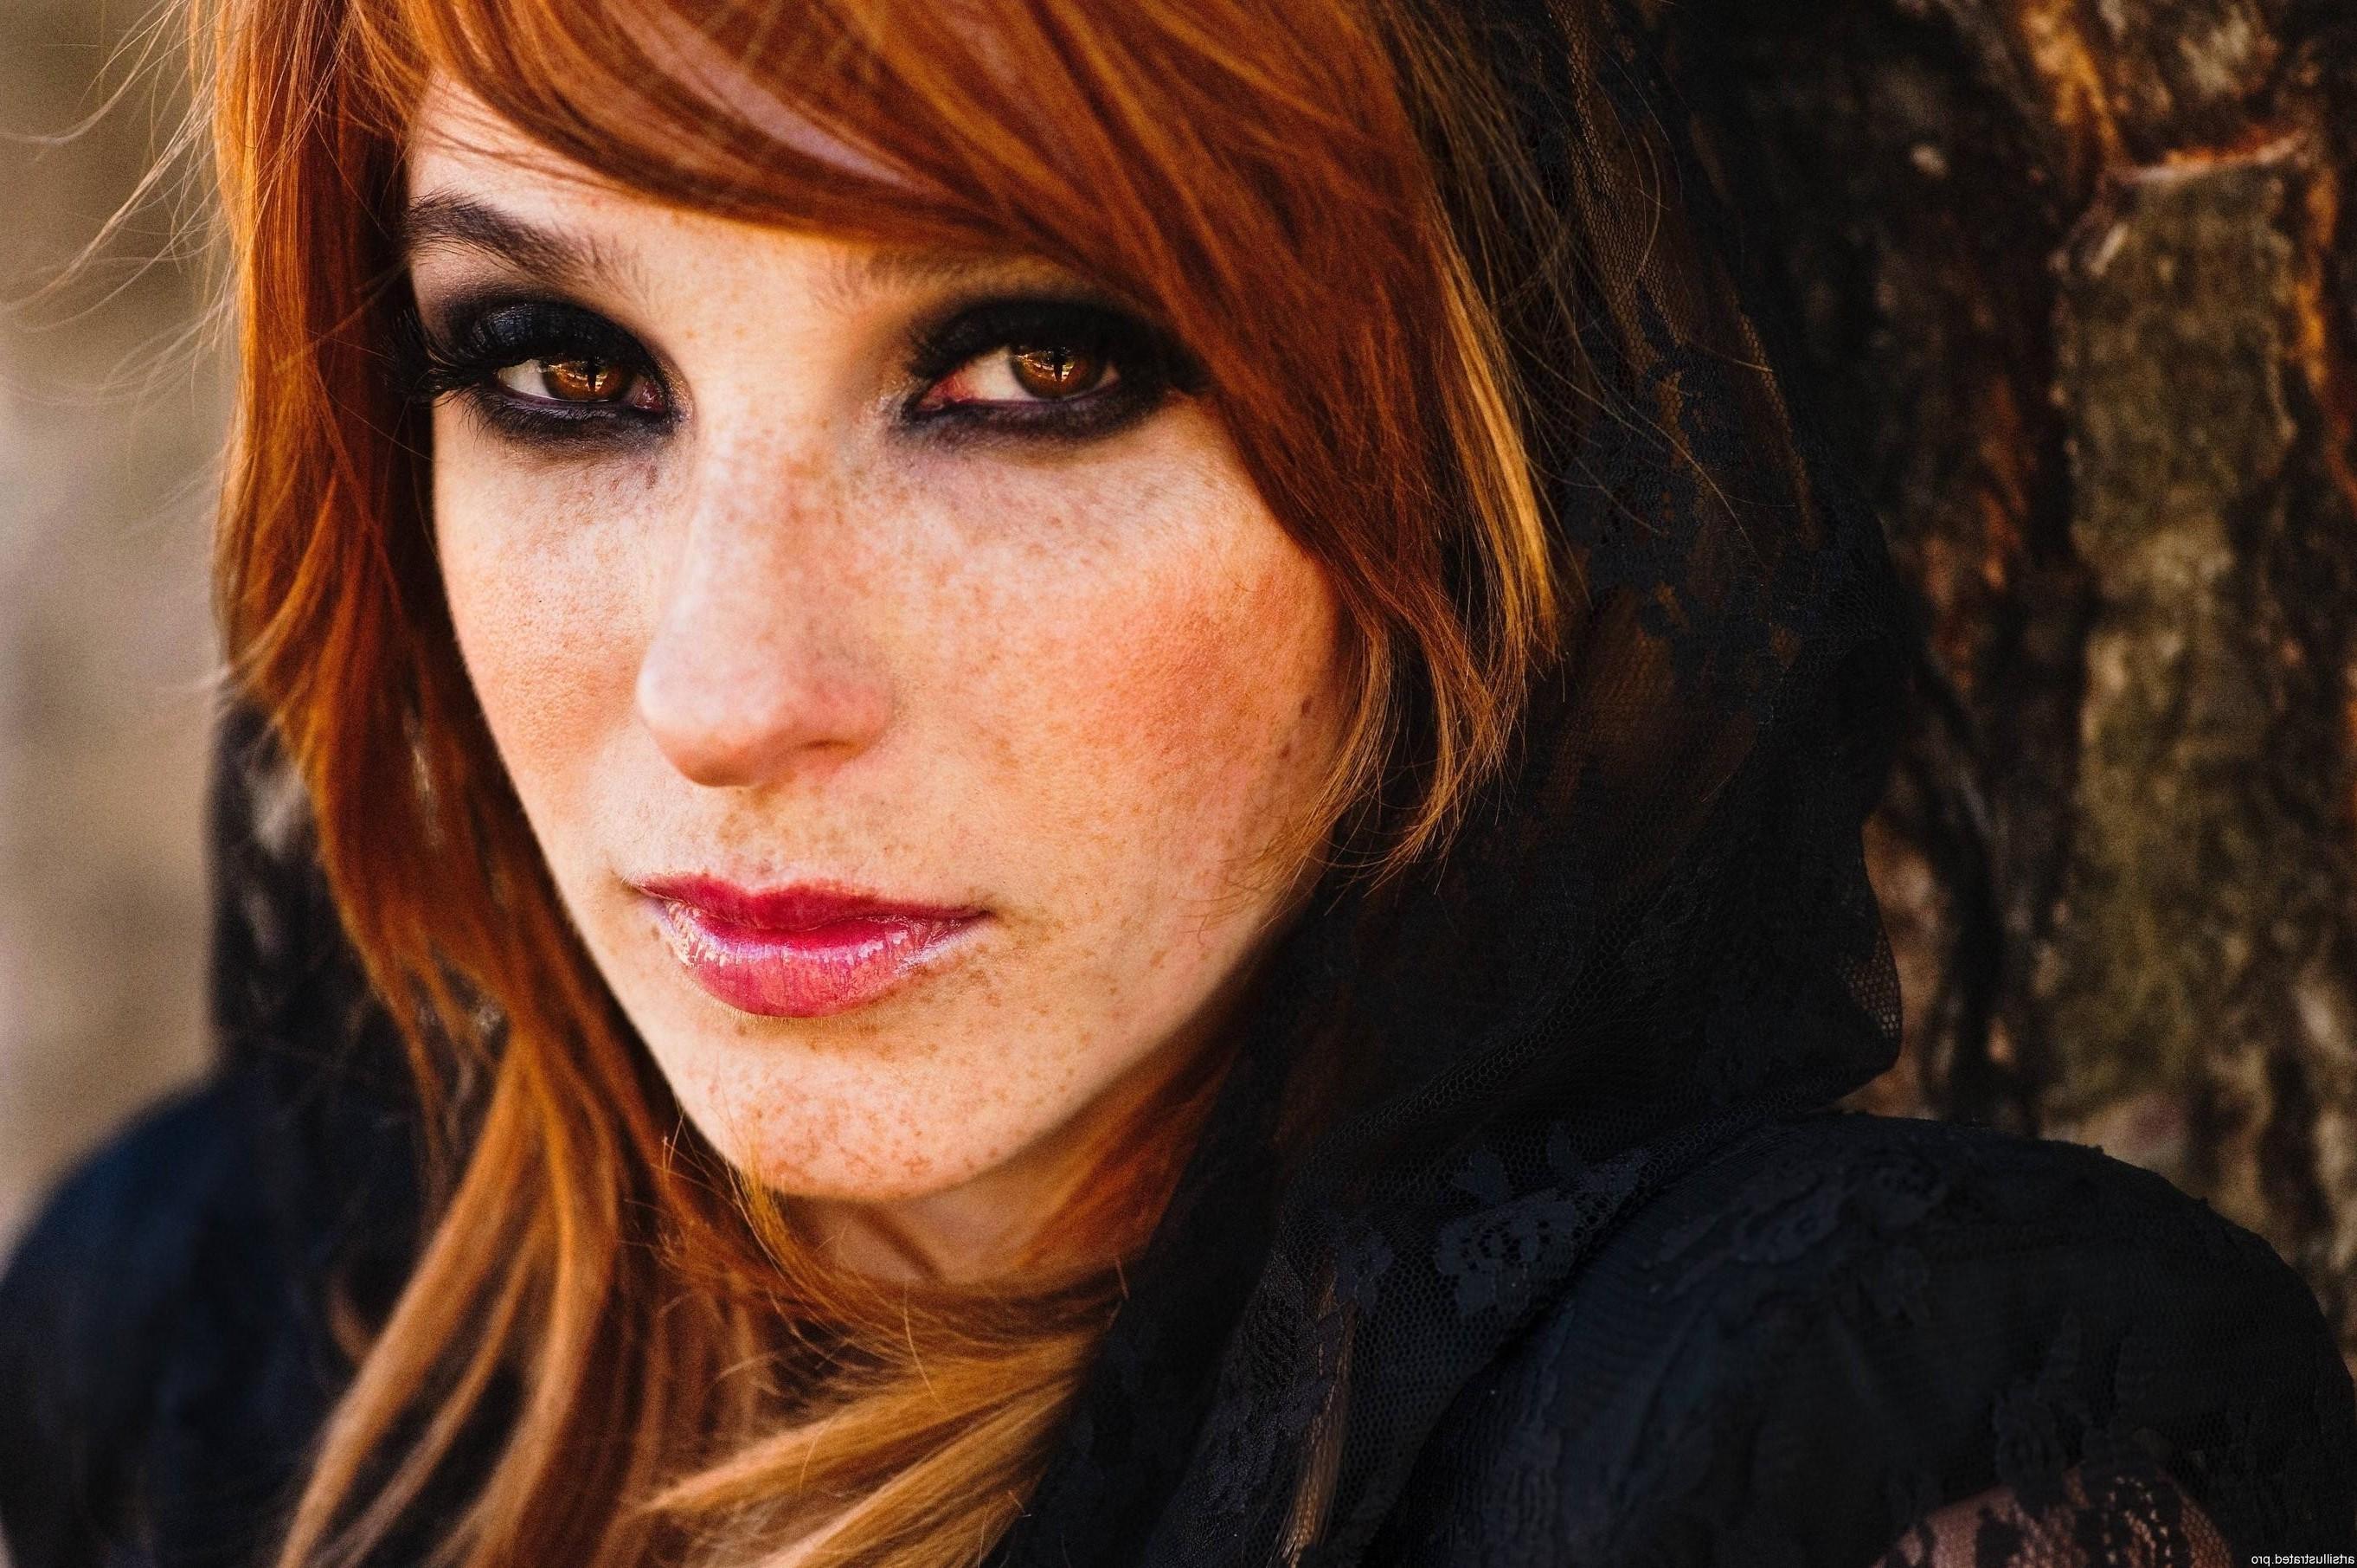 Rote Haare Und Braune Augen Die Typologie Der Haarfarbe